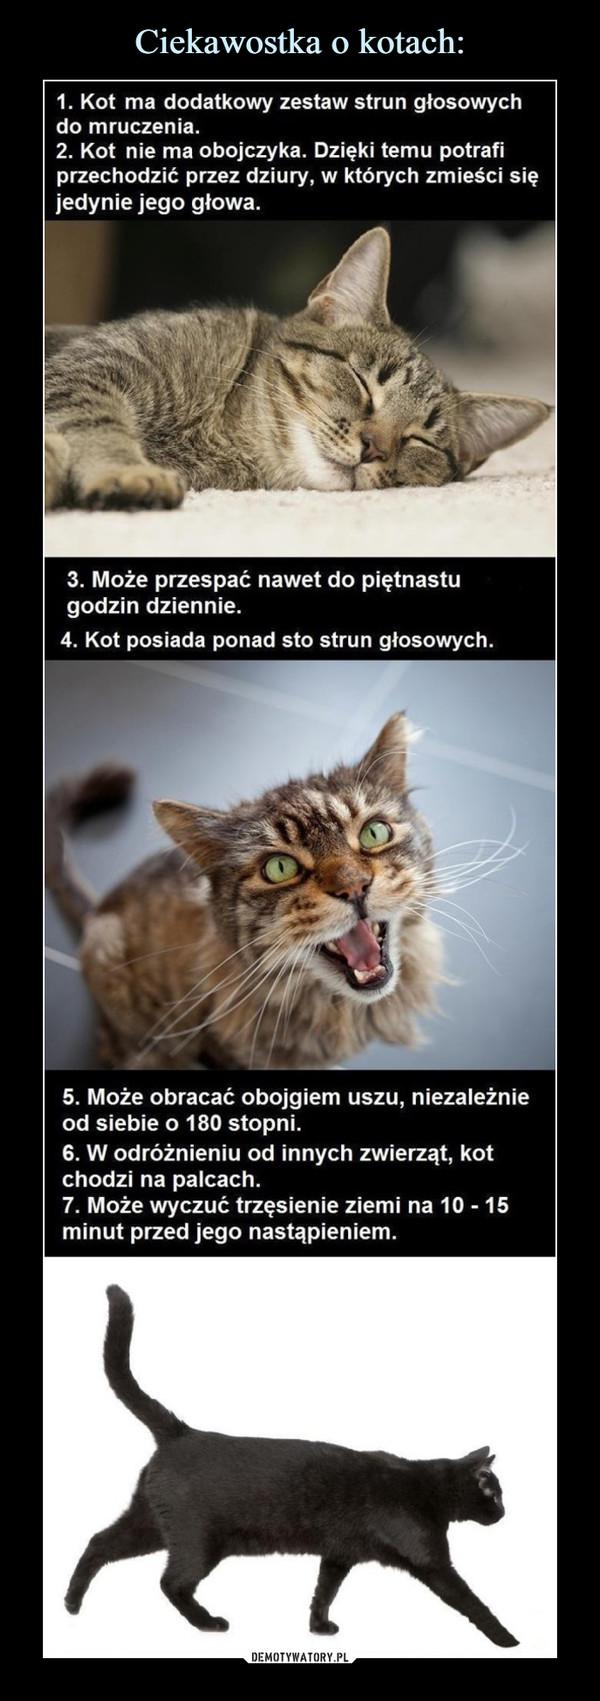 –  1. Kot ma dodatkowy zestaw strun głosowychdo mruczenia.2. Kot nie ma obojczyka. Dzięki temu potrafiprzechodzić przez dziury, w których zmieści sięjedynie jego głowa.3. Może przespać nawet do piętnastugodzin dziennie.4. Kot posiada ponad sto strun głosowych.5. Może obracać obojgiem uszu, niezależnieod siebie o 180 stopni.6. W odróżnieniu od innych zwierząt, kotchodzi na palcach.7. Może wyczuć trzęsienie ziemi na 10 15minut przed jego nastąpieniem.